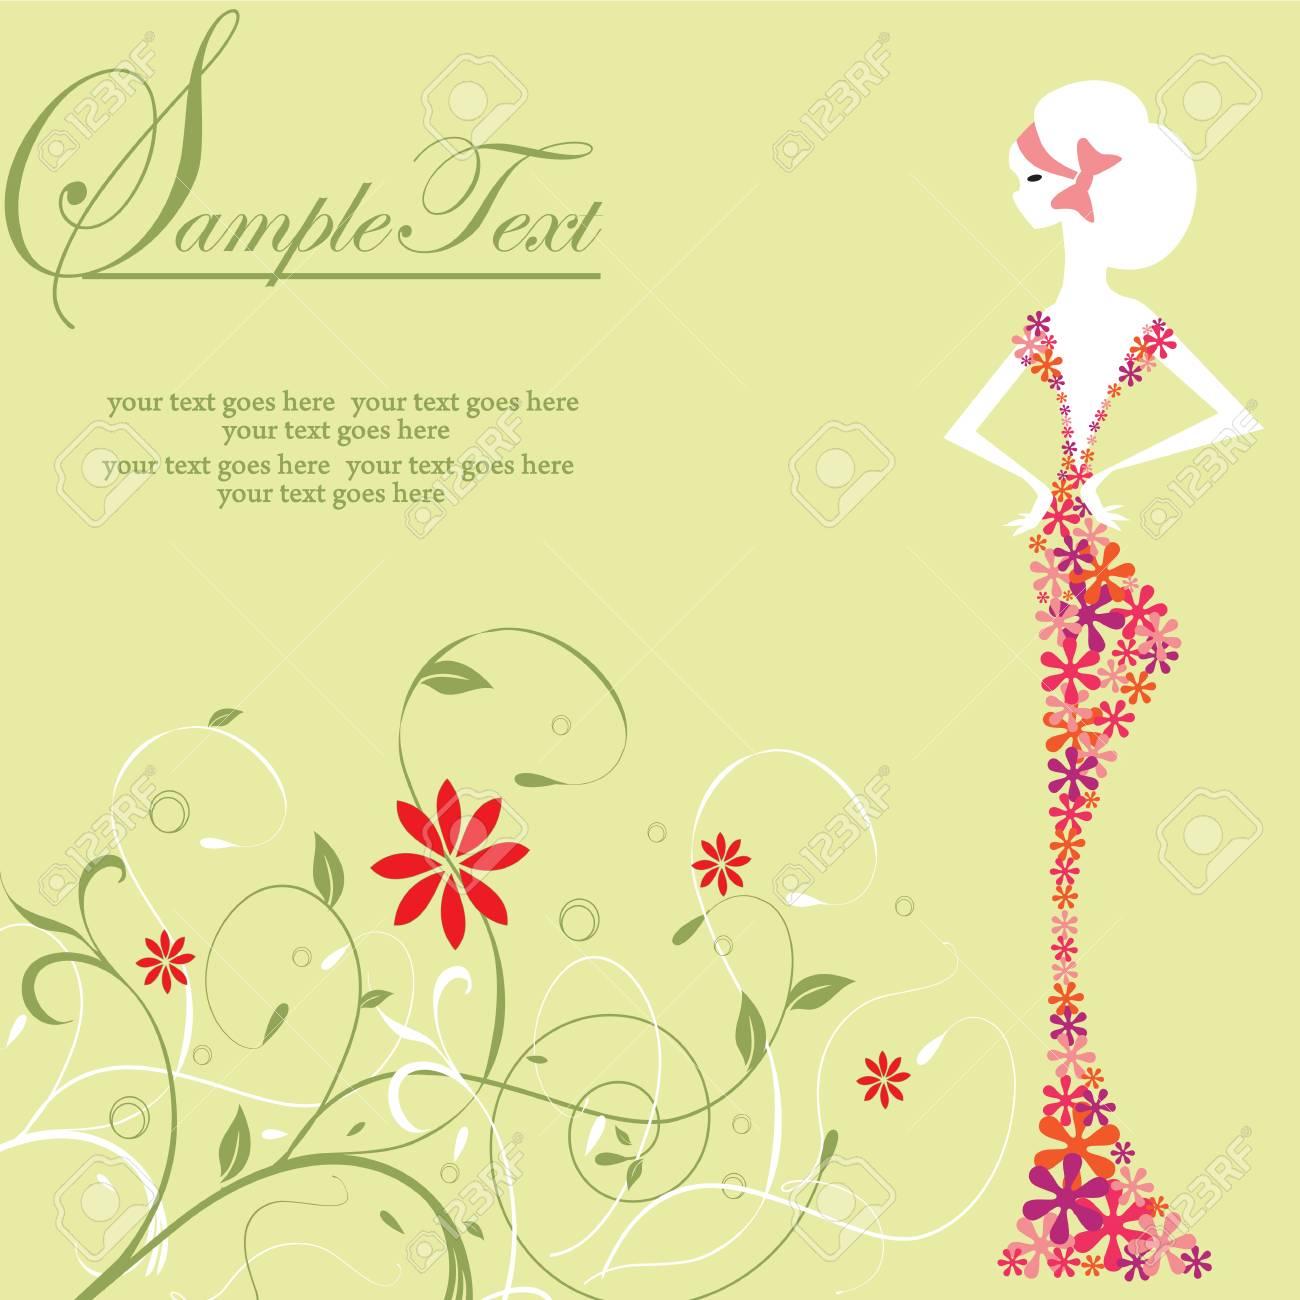 Tarjeta De Invitación De La Vendimia Con El Elegante Diseño Retro Abstracto Floral Mujer Con Vestido De Flores En Verde Ilustración Del Vector